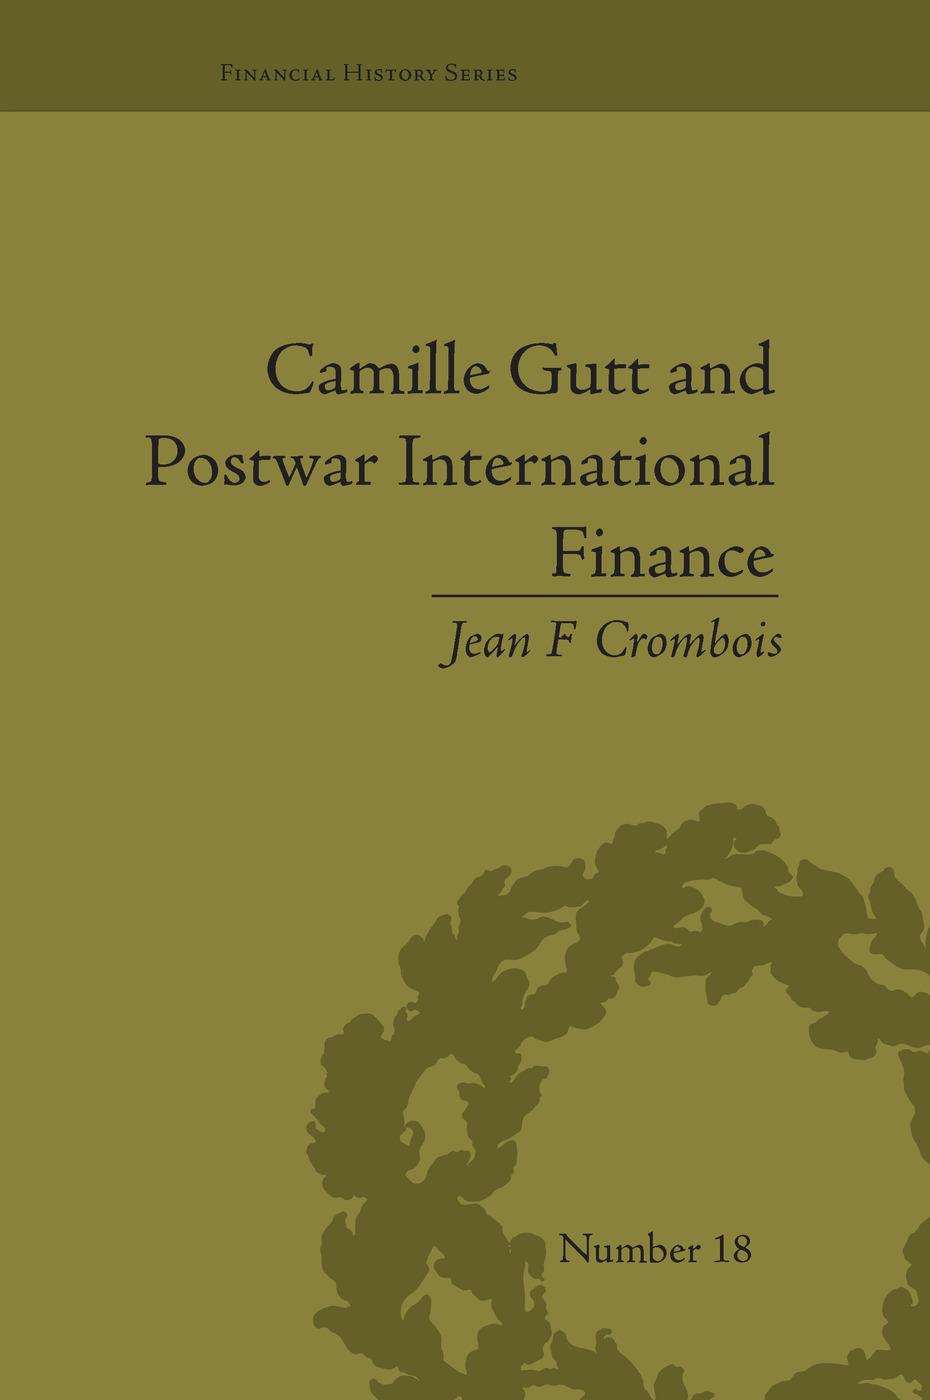 Camille Gutt and Postwar International Finance book cover